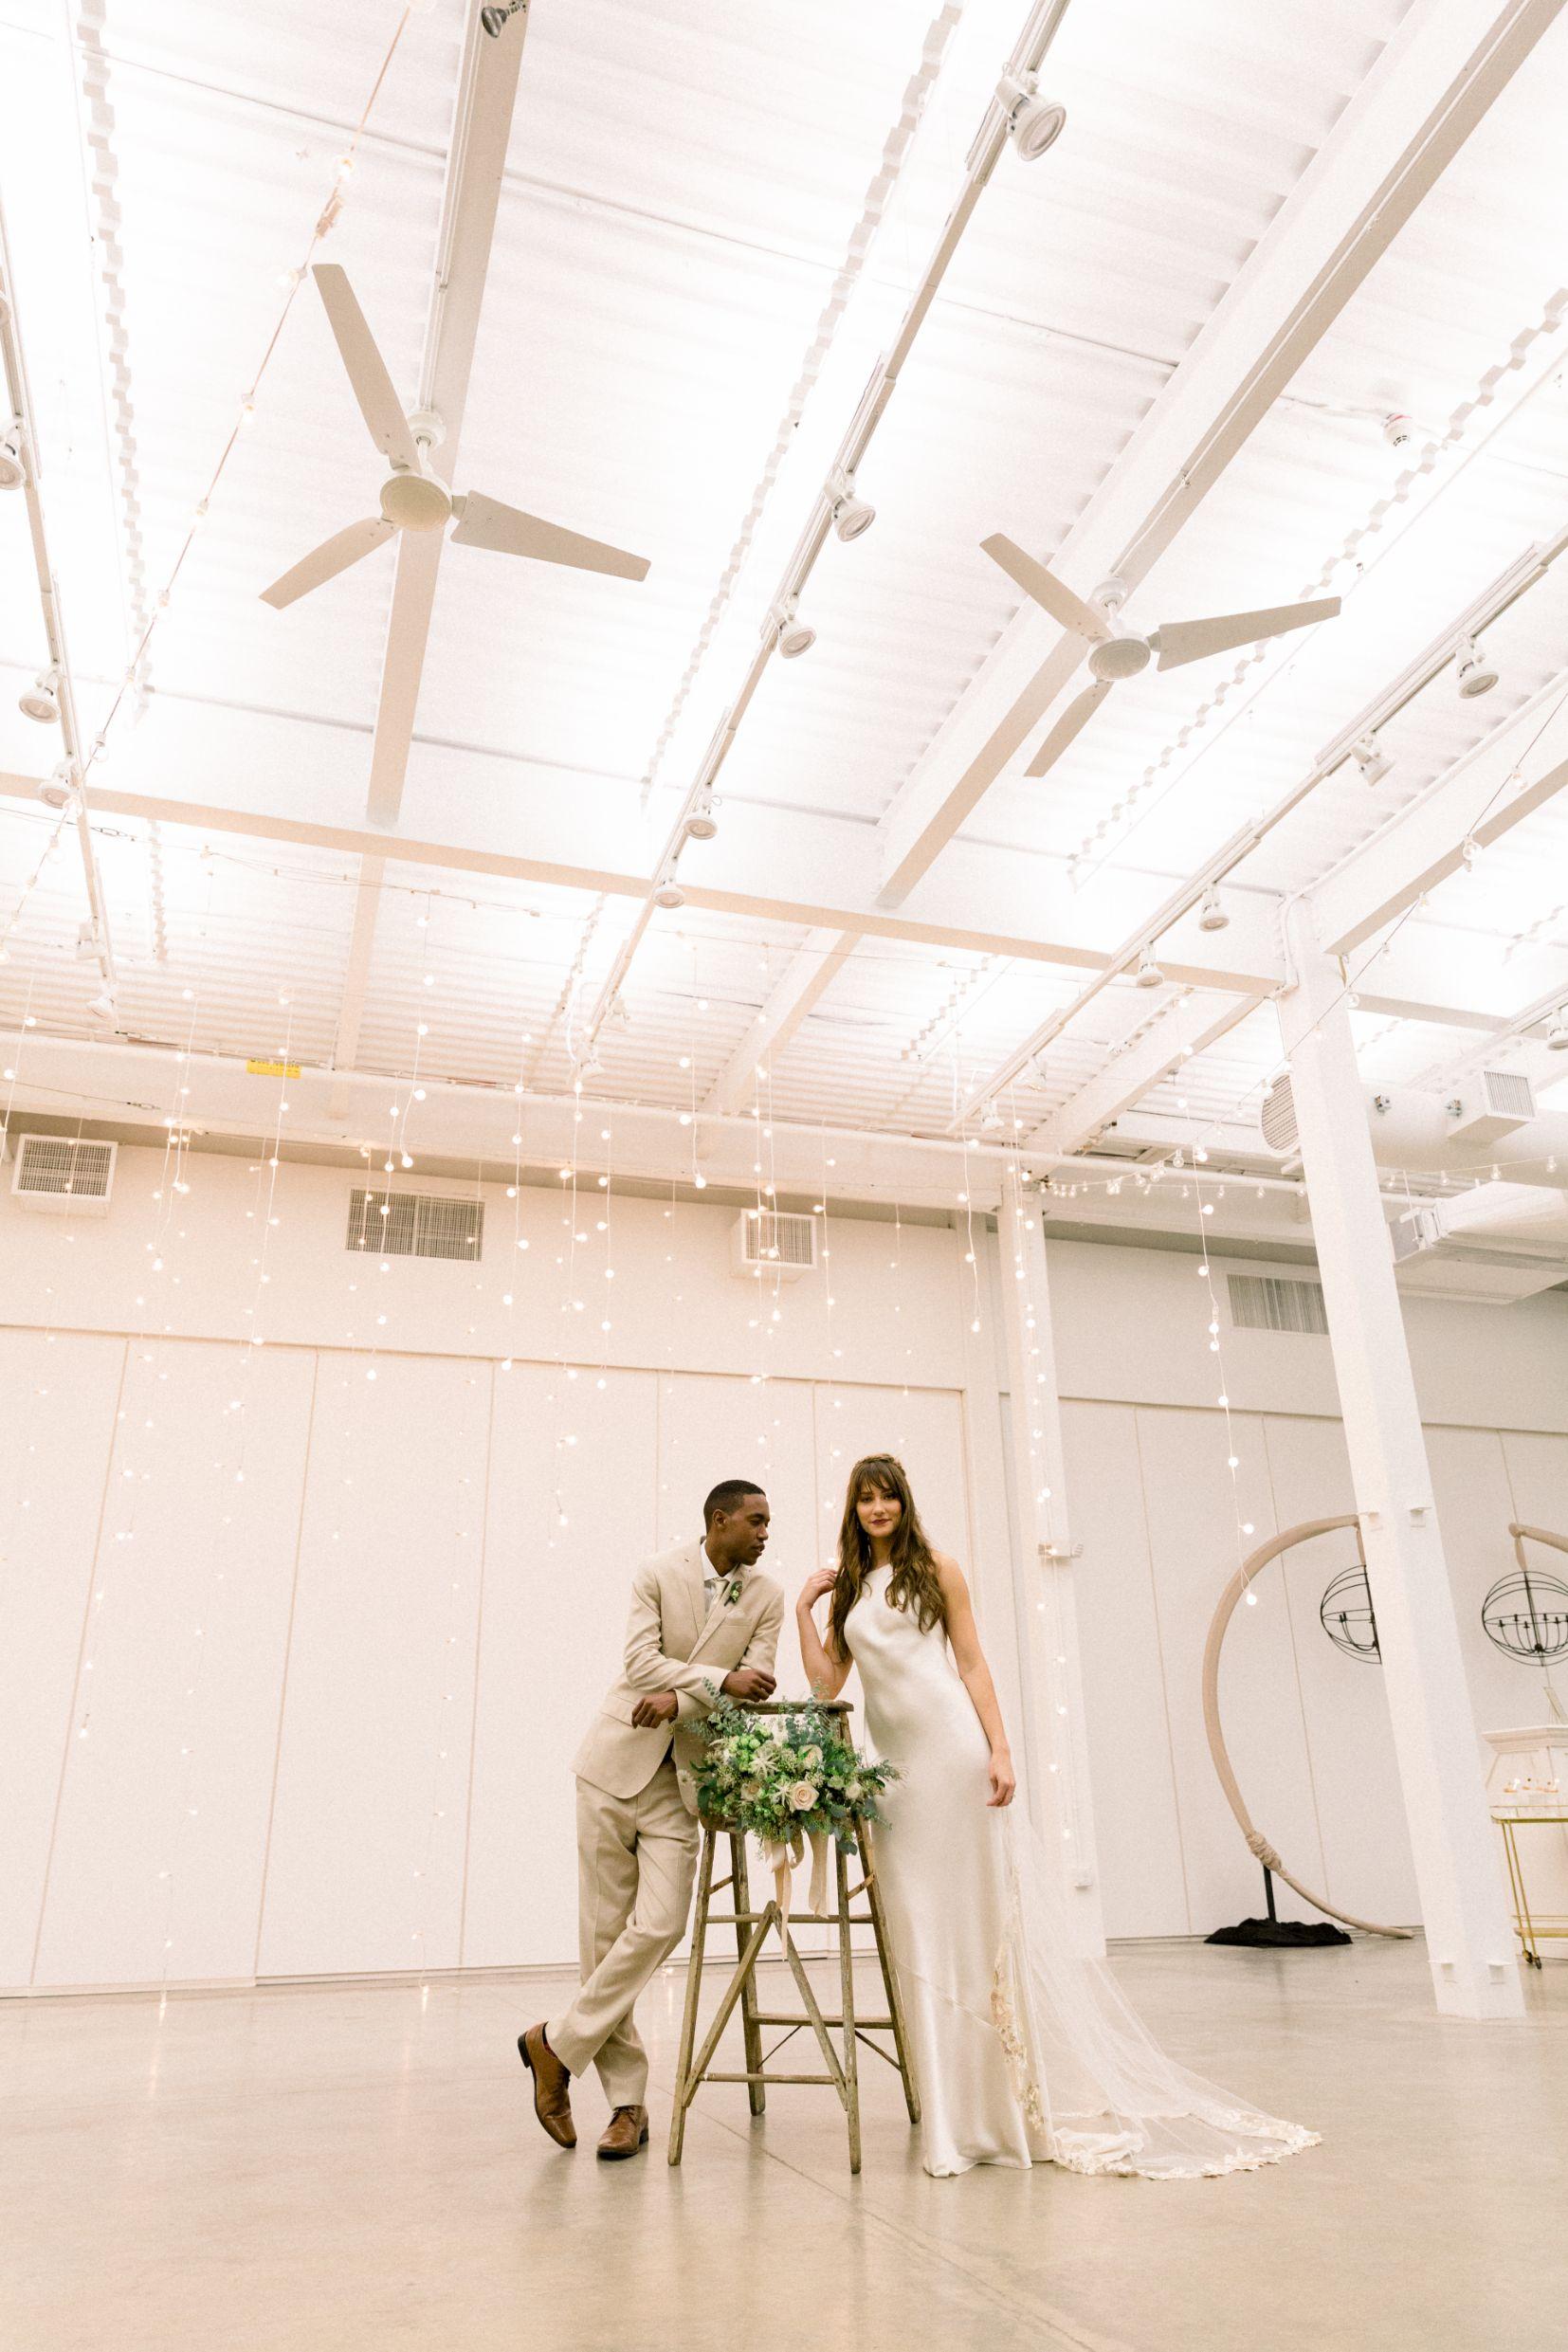 artists-for-humanity-industrial-bohemian-wedding-daylynn-designs327.jpg